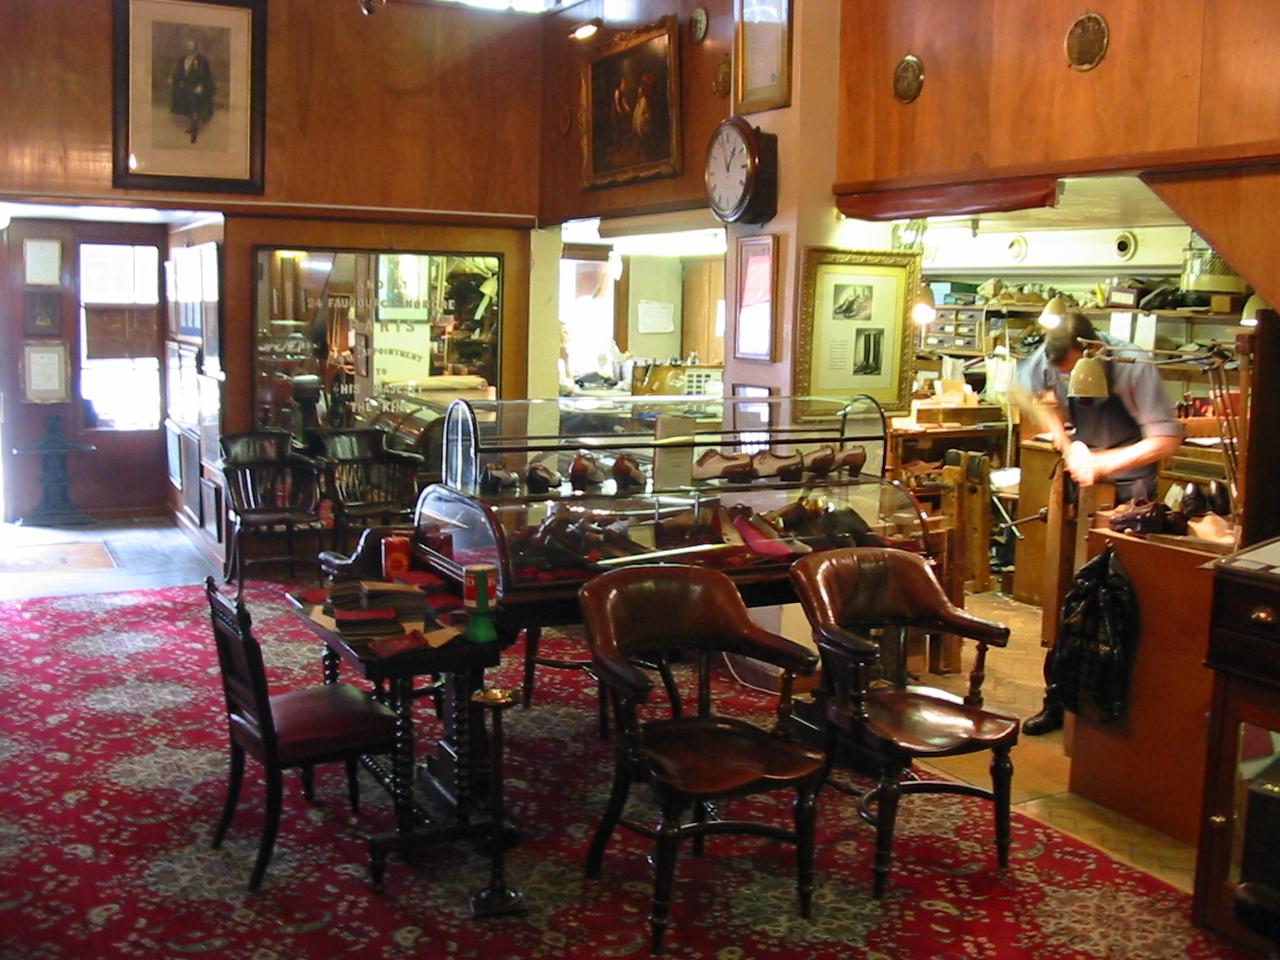 John Lobb Shoes >> File:Shop interior of John Lobb, bespoke shoe and ...